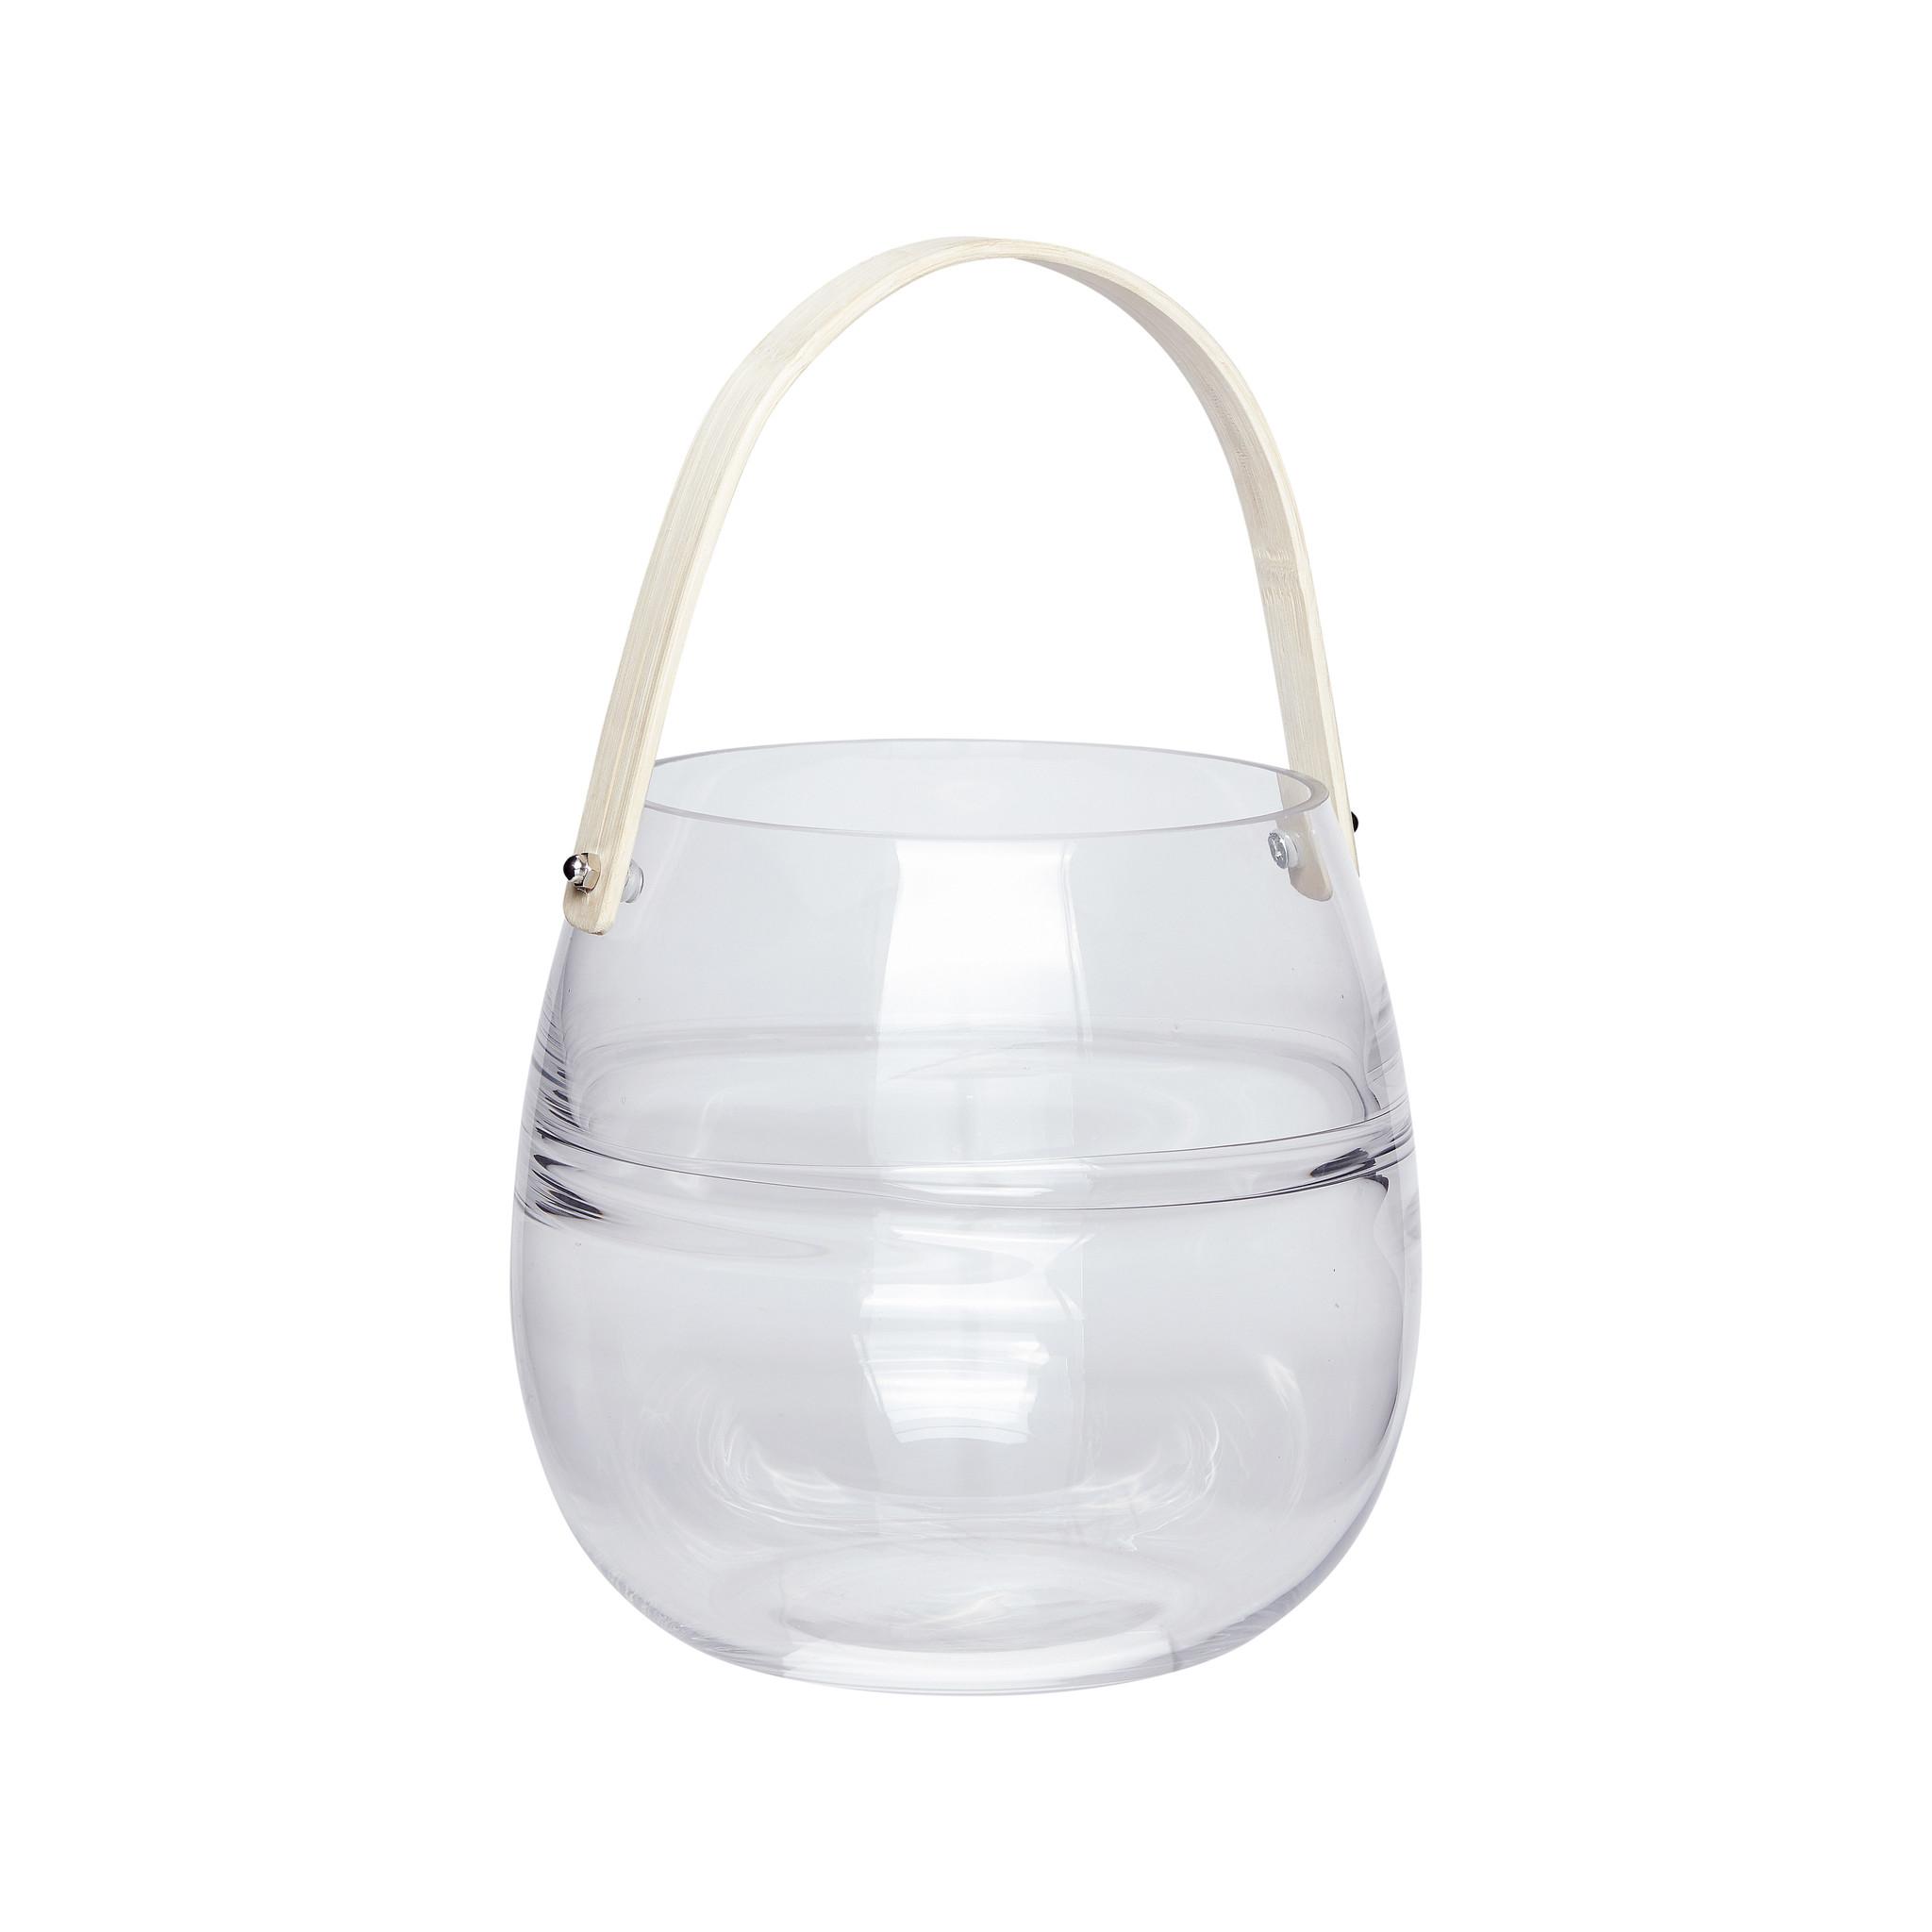 Hubsch Lantaarn met handvat, glaset van bamboe, helder, klein-950307-5712772058992